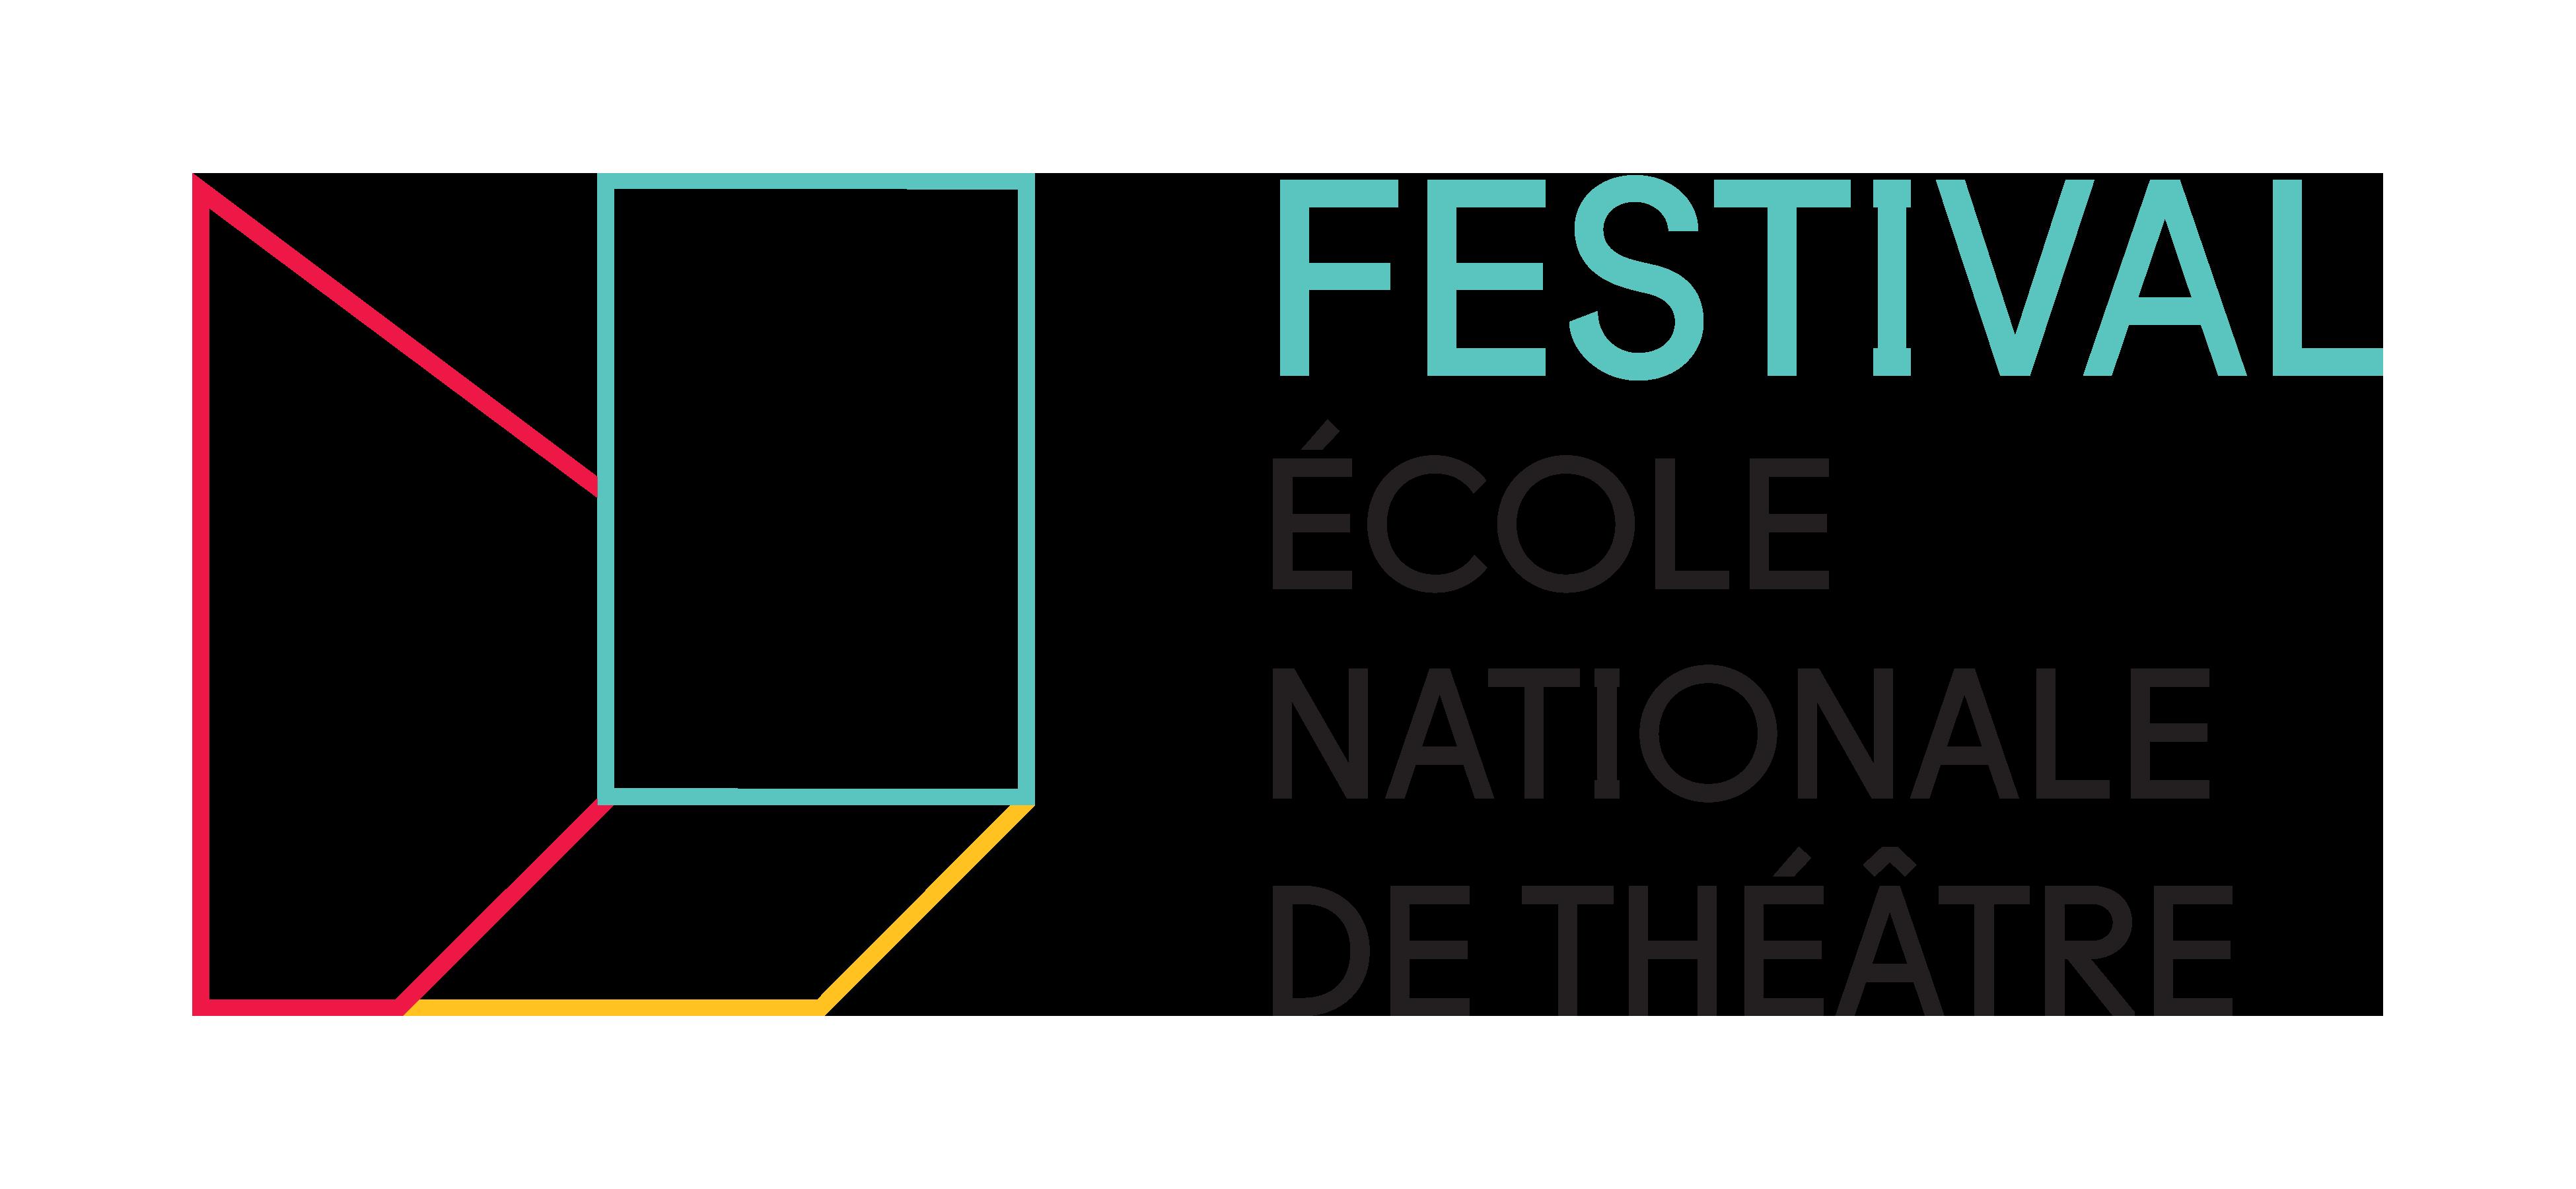 Festival officielle logo